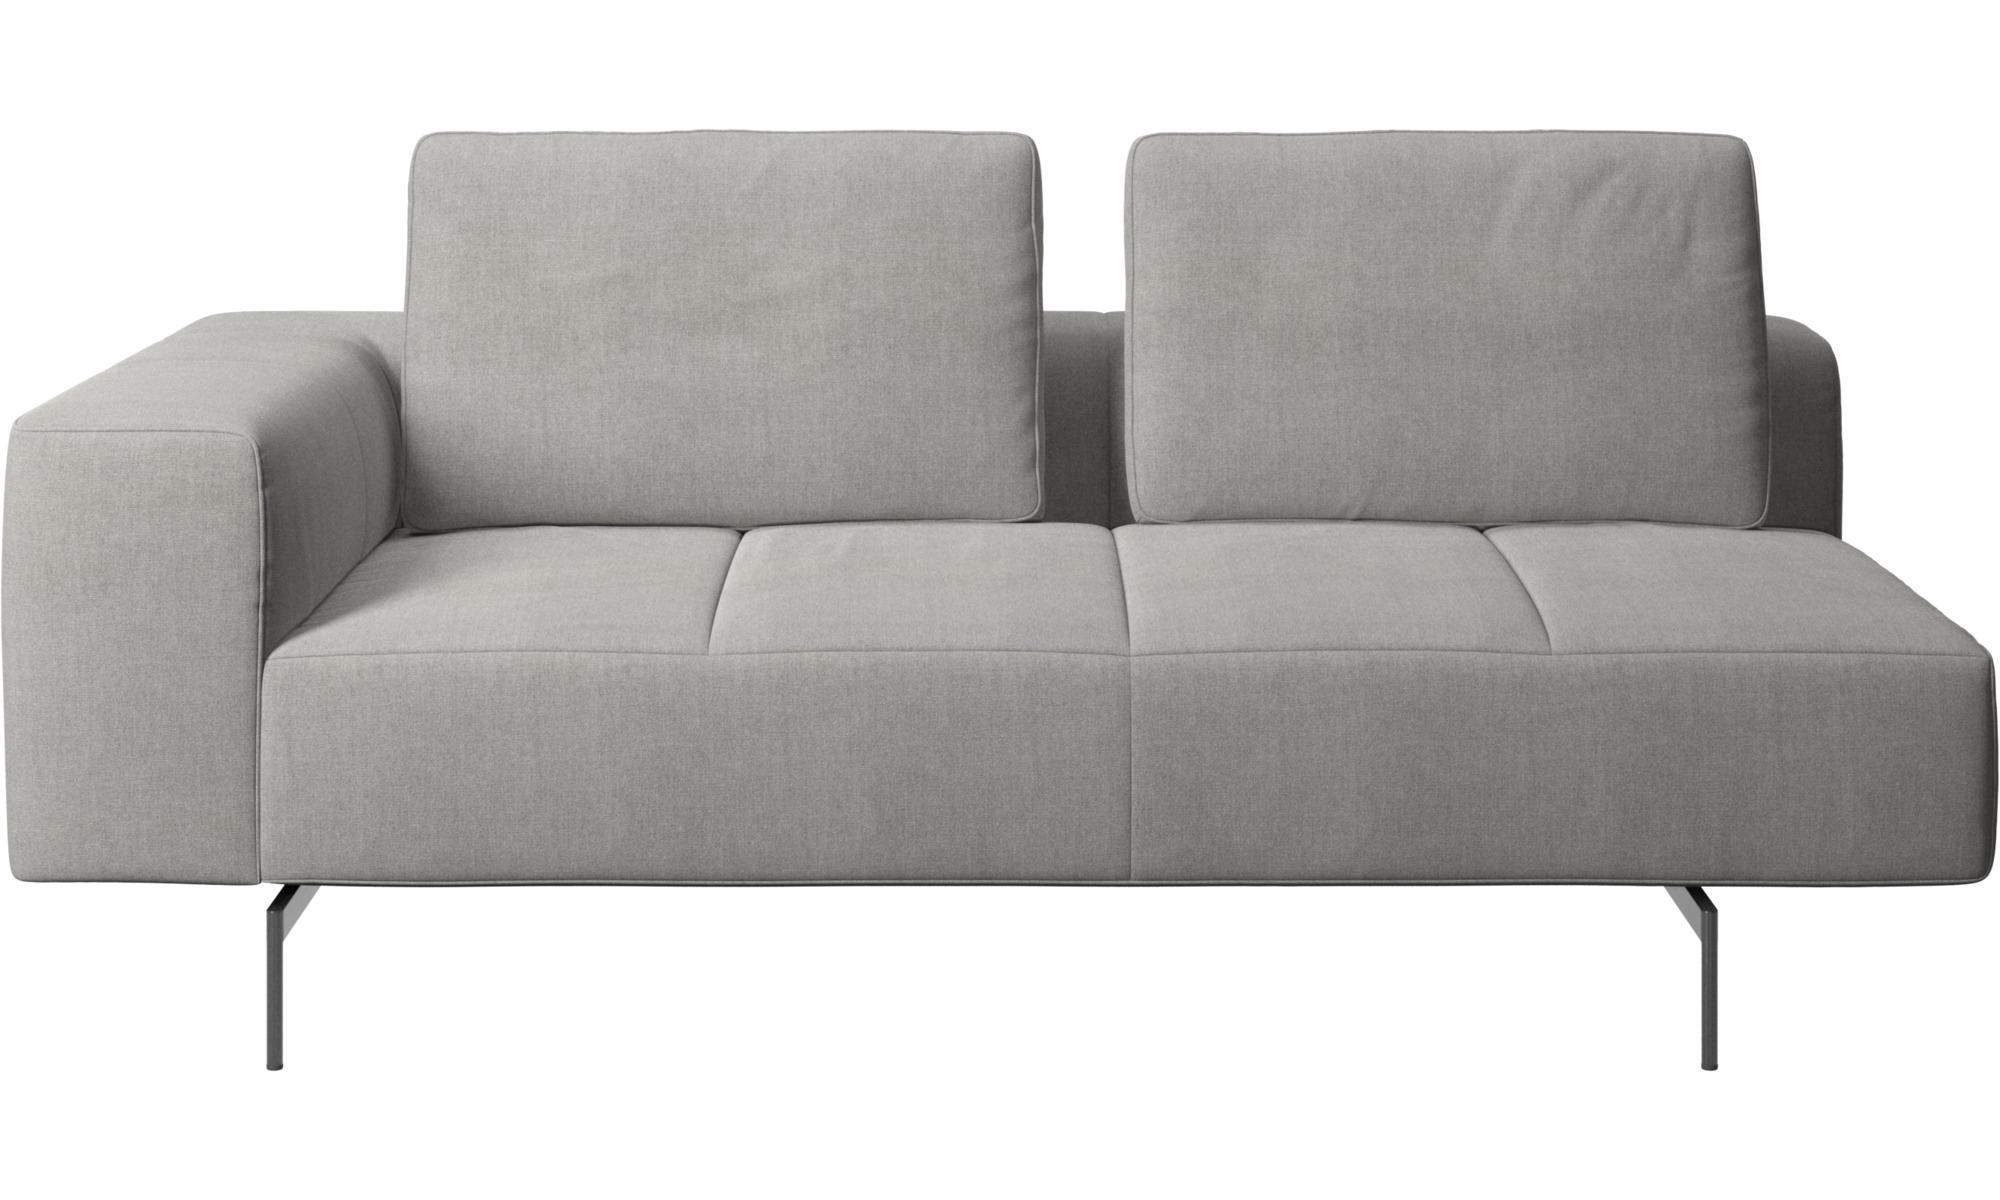 Modulære sofaer - Amsterdam 2,5 siddemodul, armlæn venstre